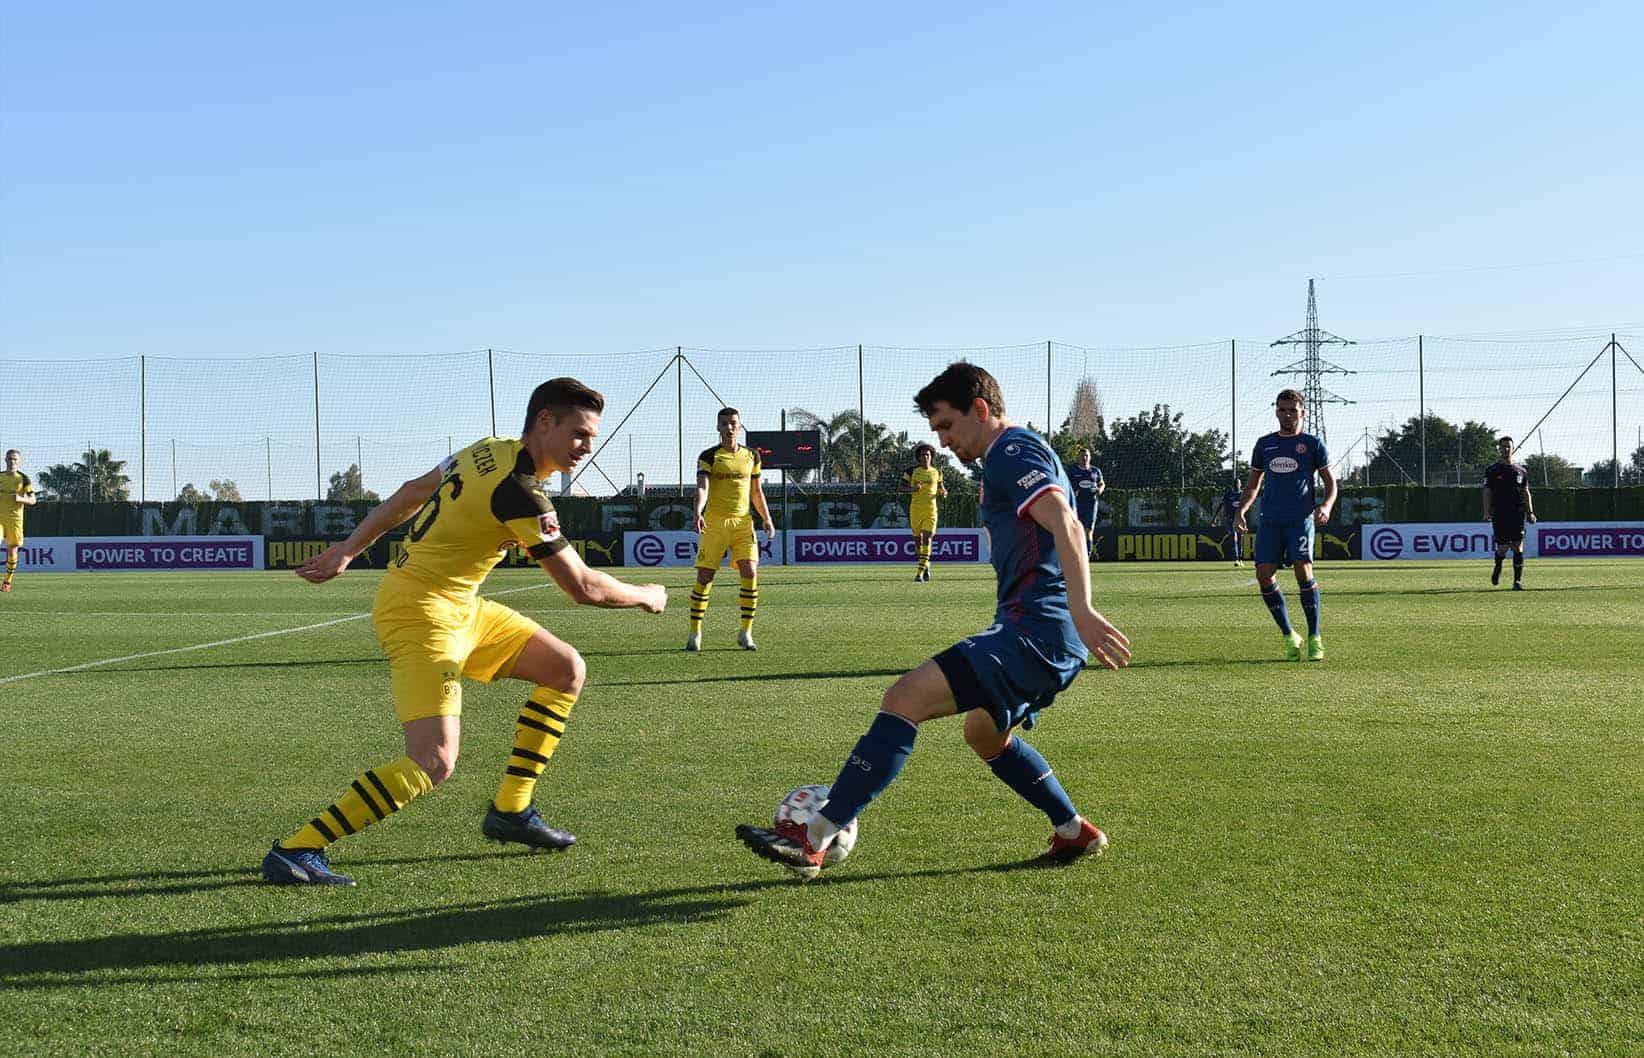 marbella-football-center-training-facilities-07